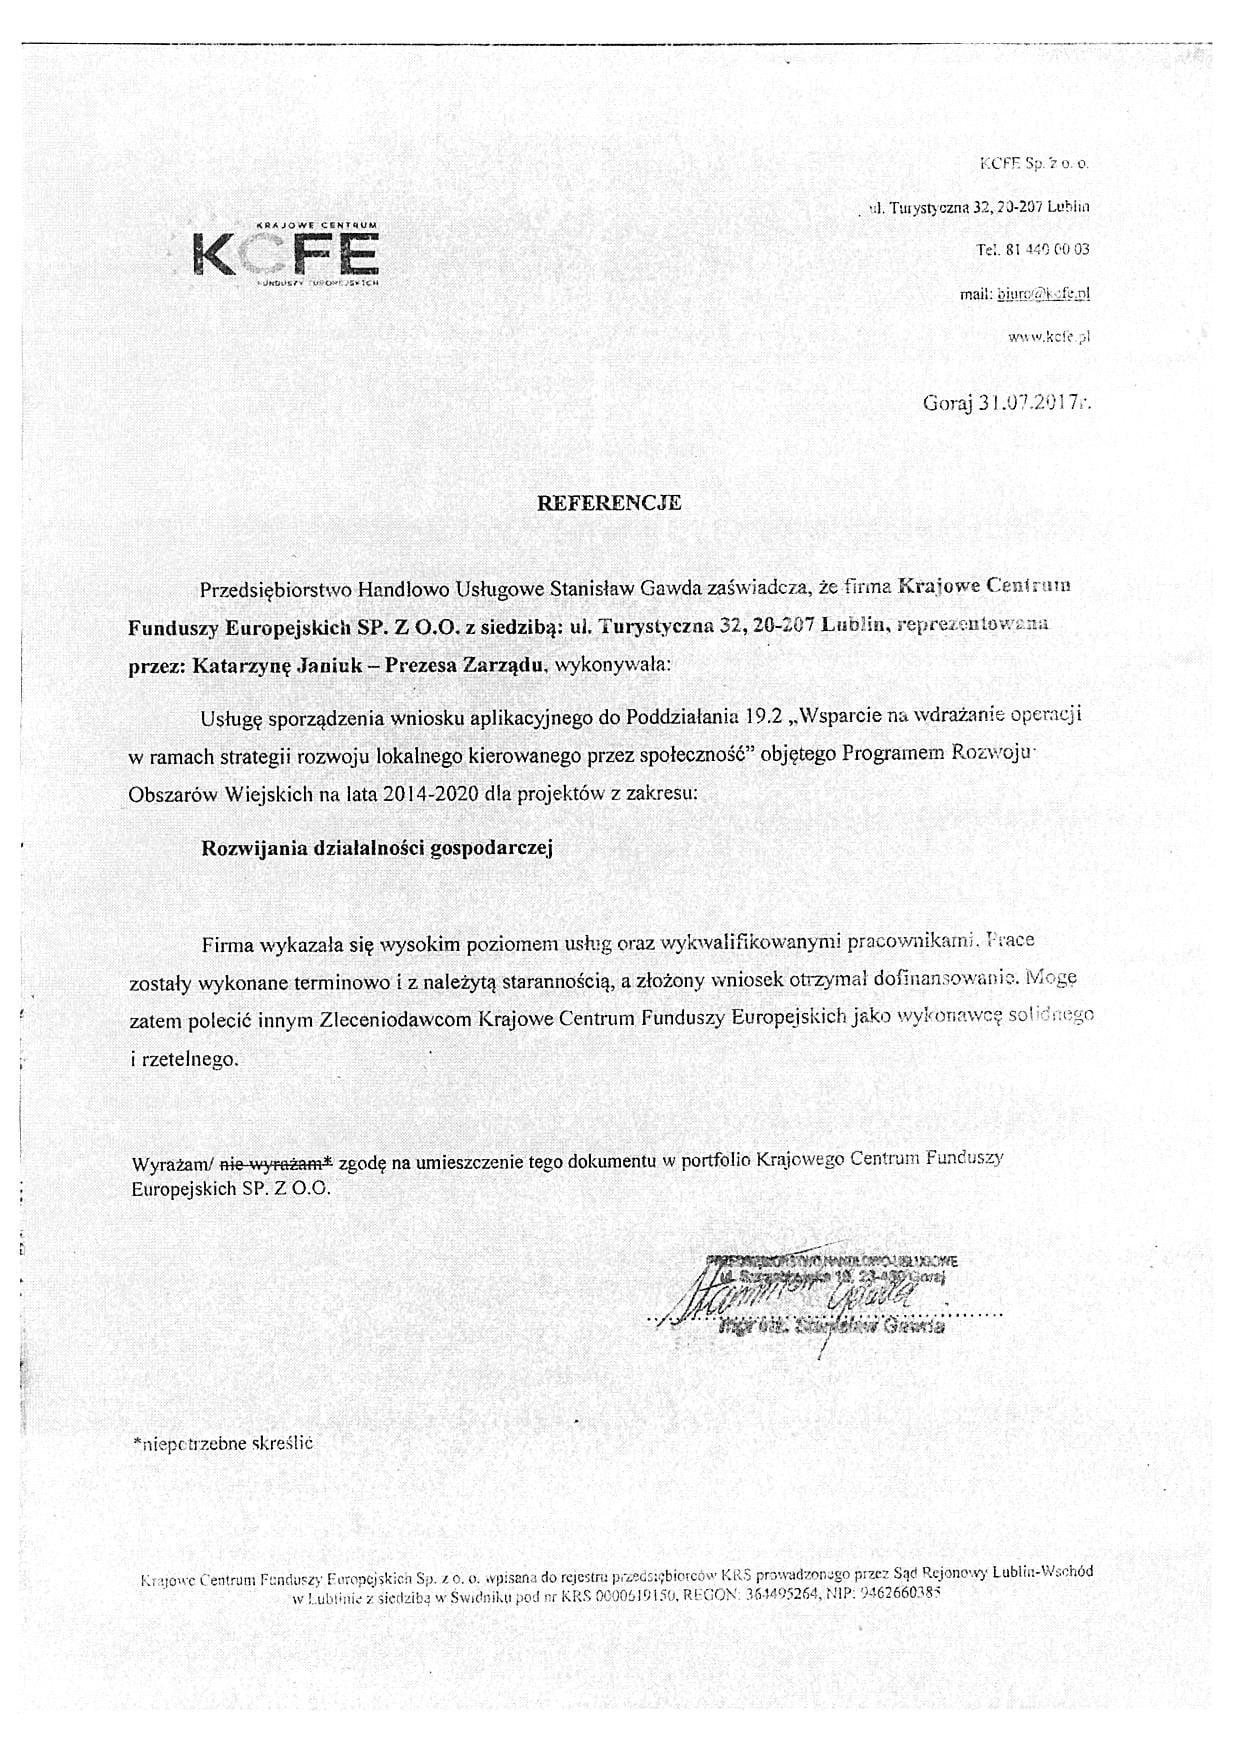 Referencje PHU Stanisław Gawda 31.07.2017 - JPG